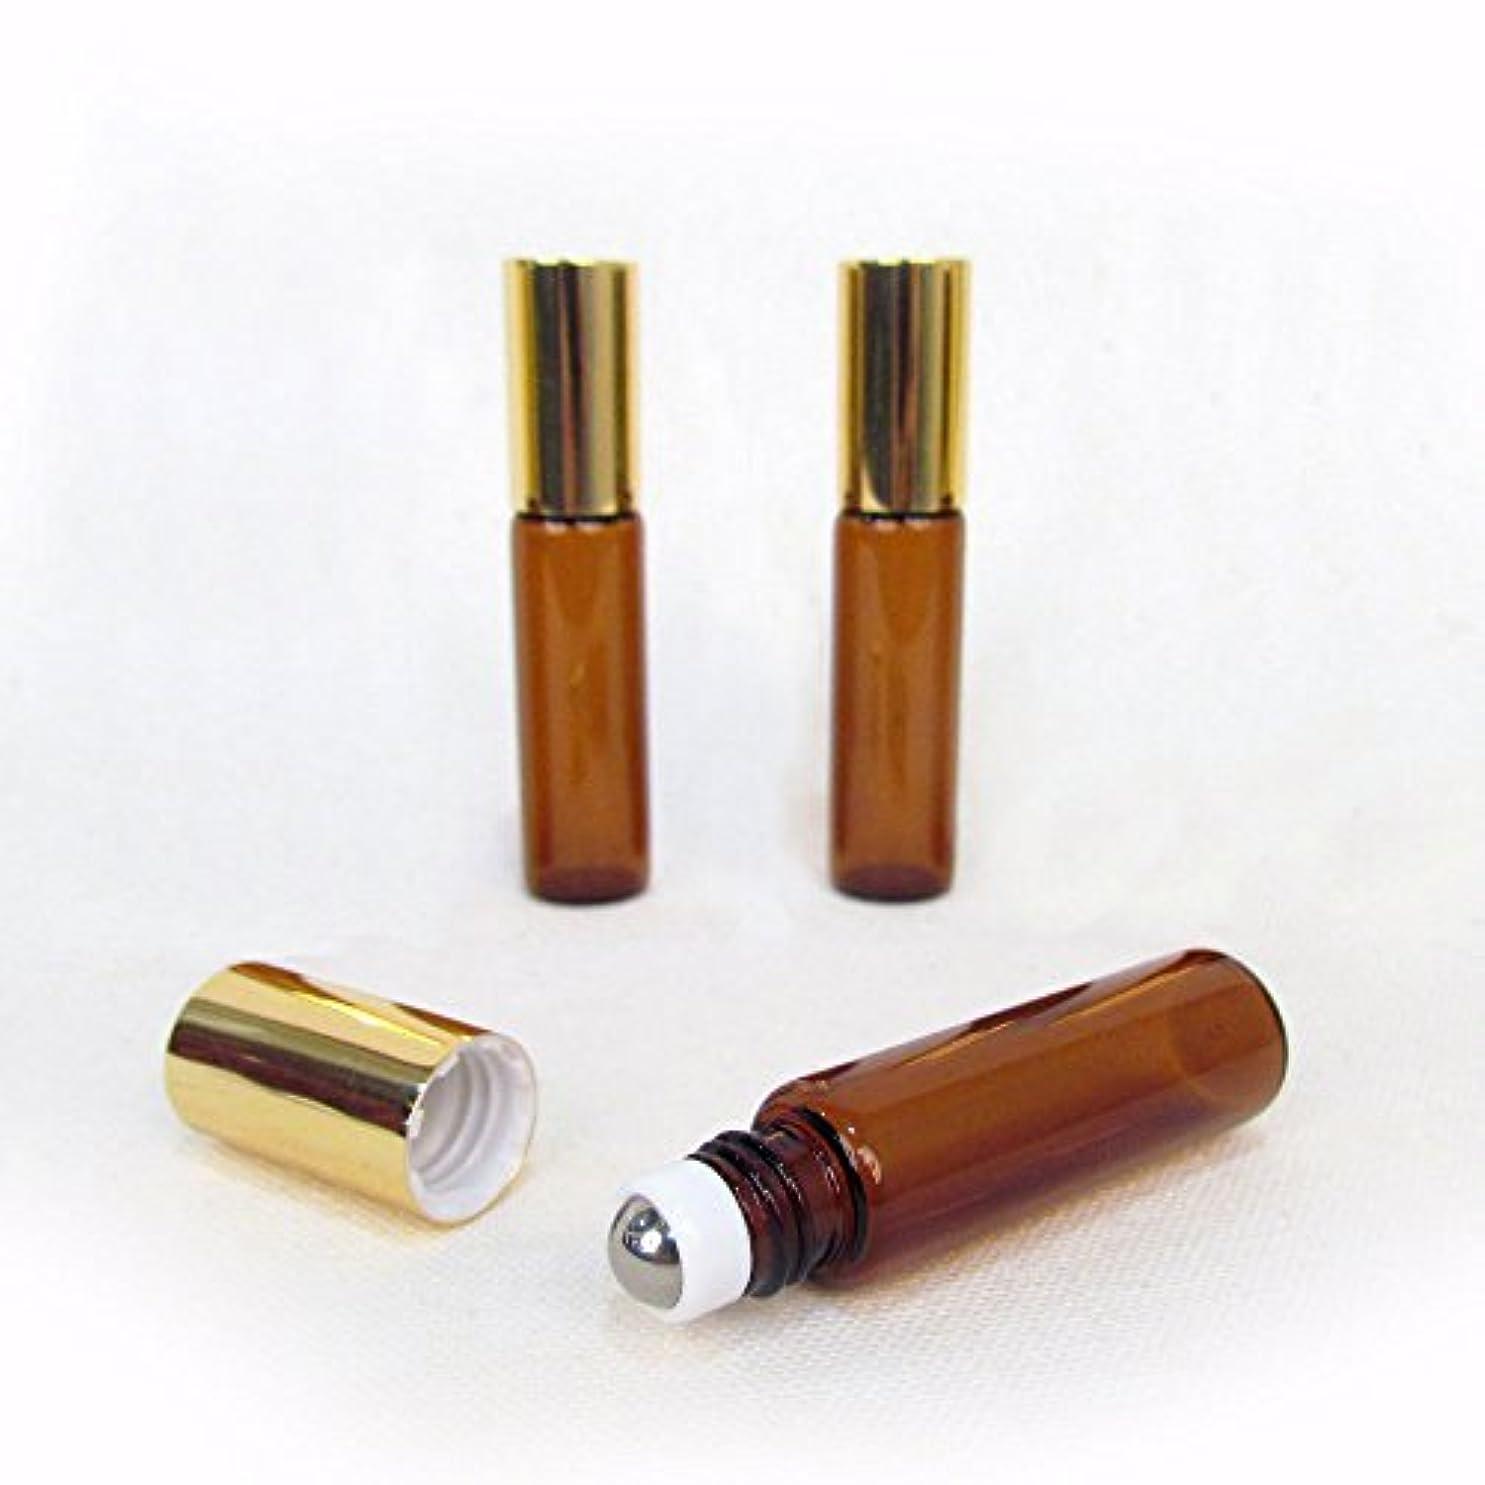 タイプライター楽な石化するSet of 3-5ml Brown Amber Glass Roll On Bottle With Stainless Steel Ball for Essential Oils by Rivertree Life [...